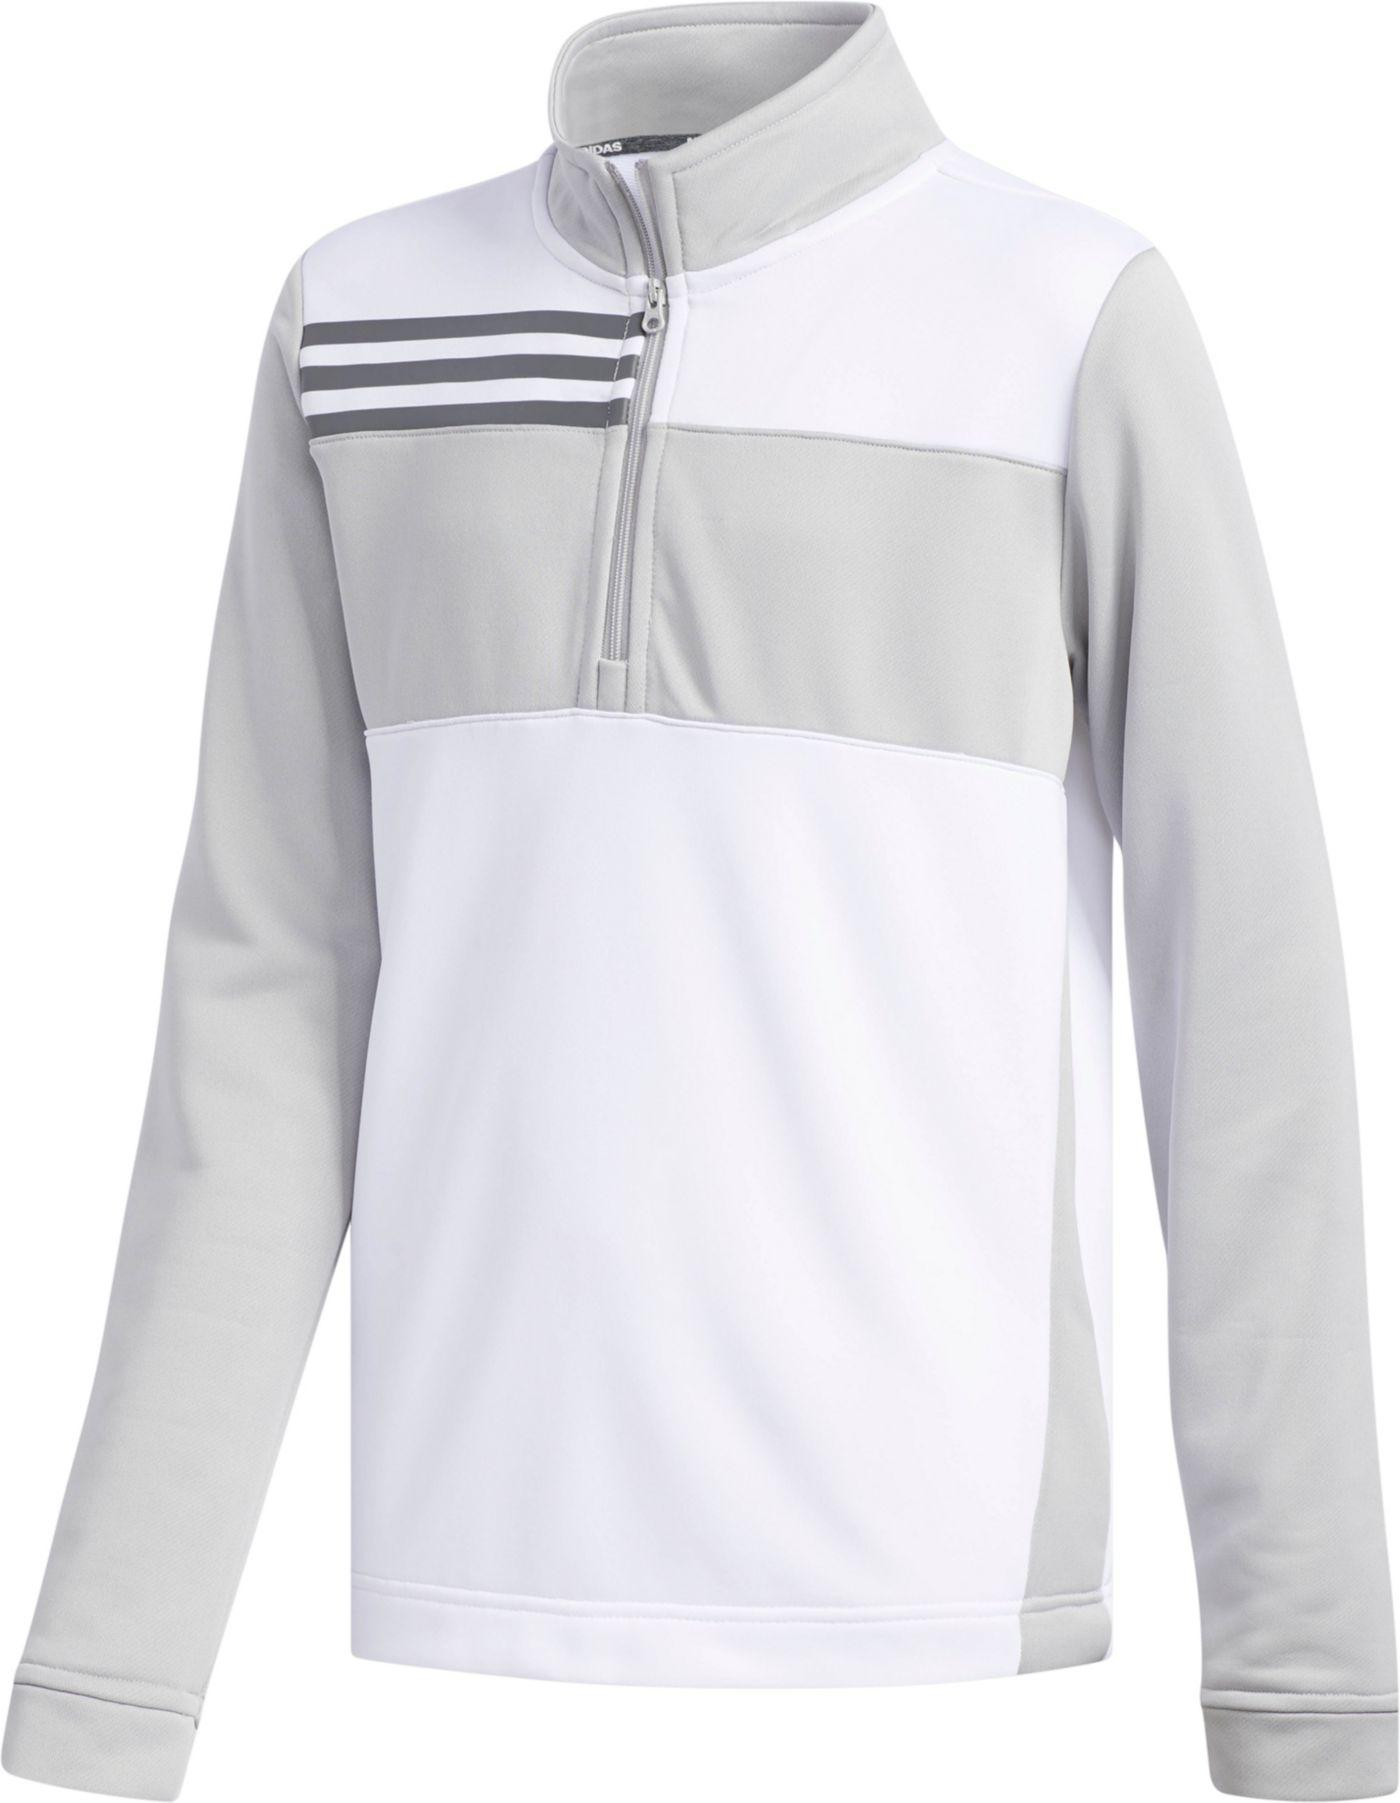 adidas Boys' Color Blocked ¼ Zip Golf Pullover